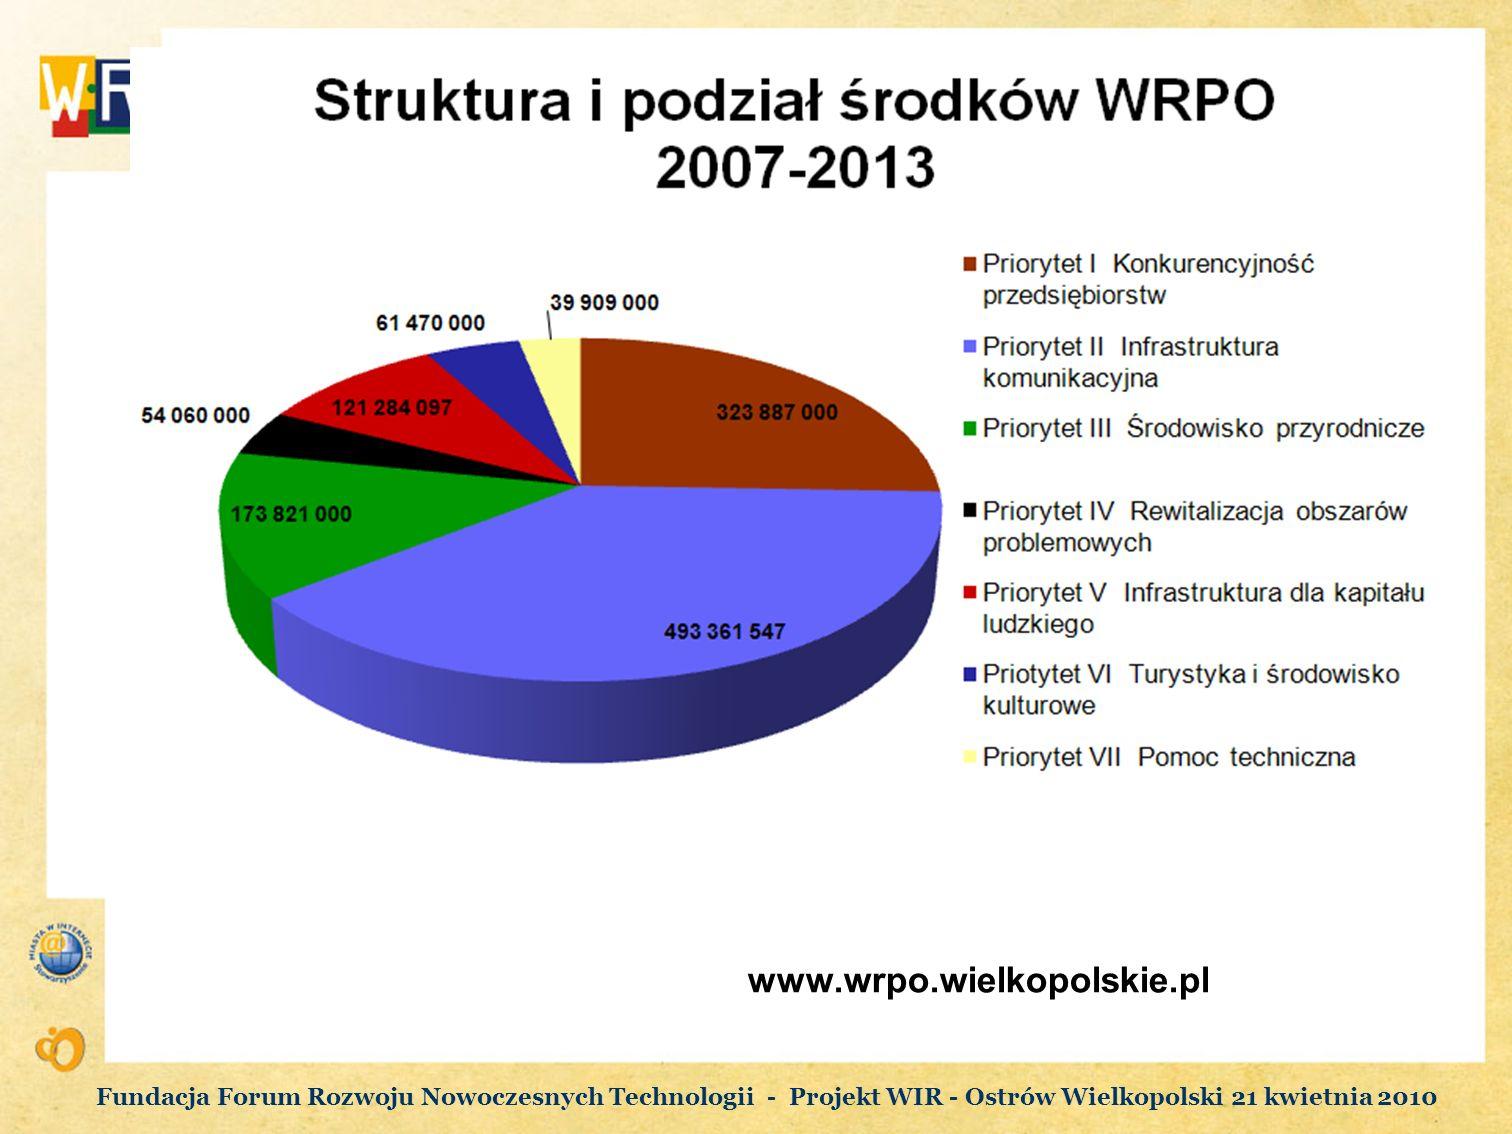 www.wrpo.wielkopolskie.pl Fundacja Forum Rozwoju Nowoczesnych Technologii - Projekt WIR - Ostrów Wielkopolski 21 kwietnia 2010.